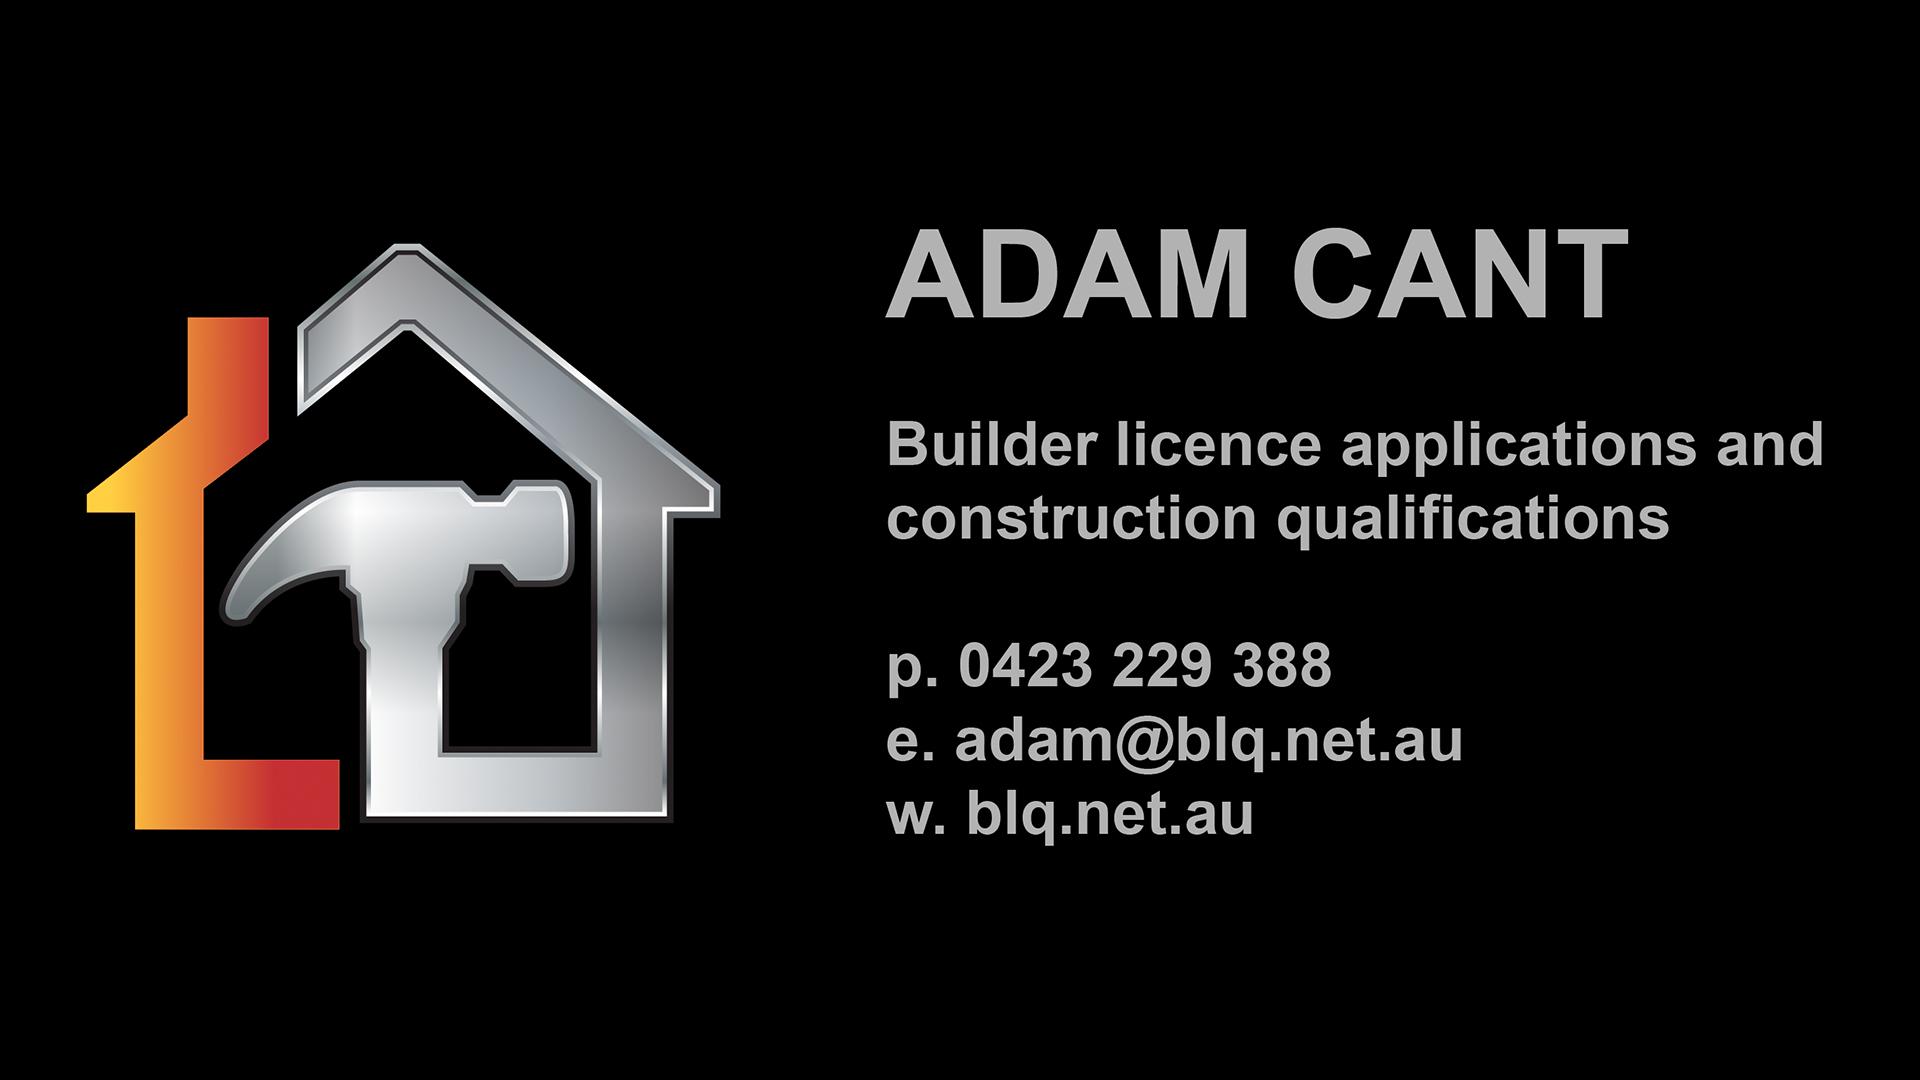 Adam Cant